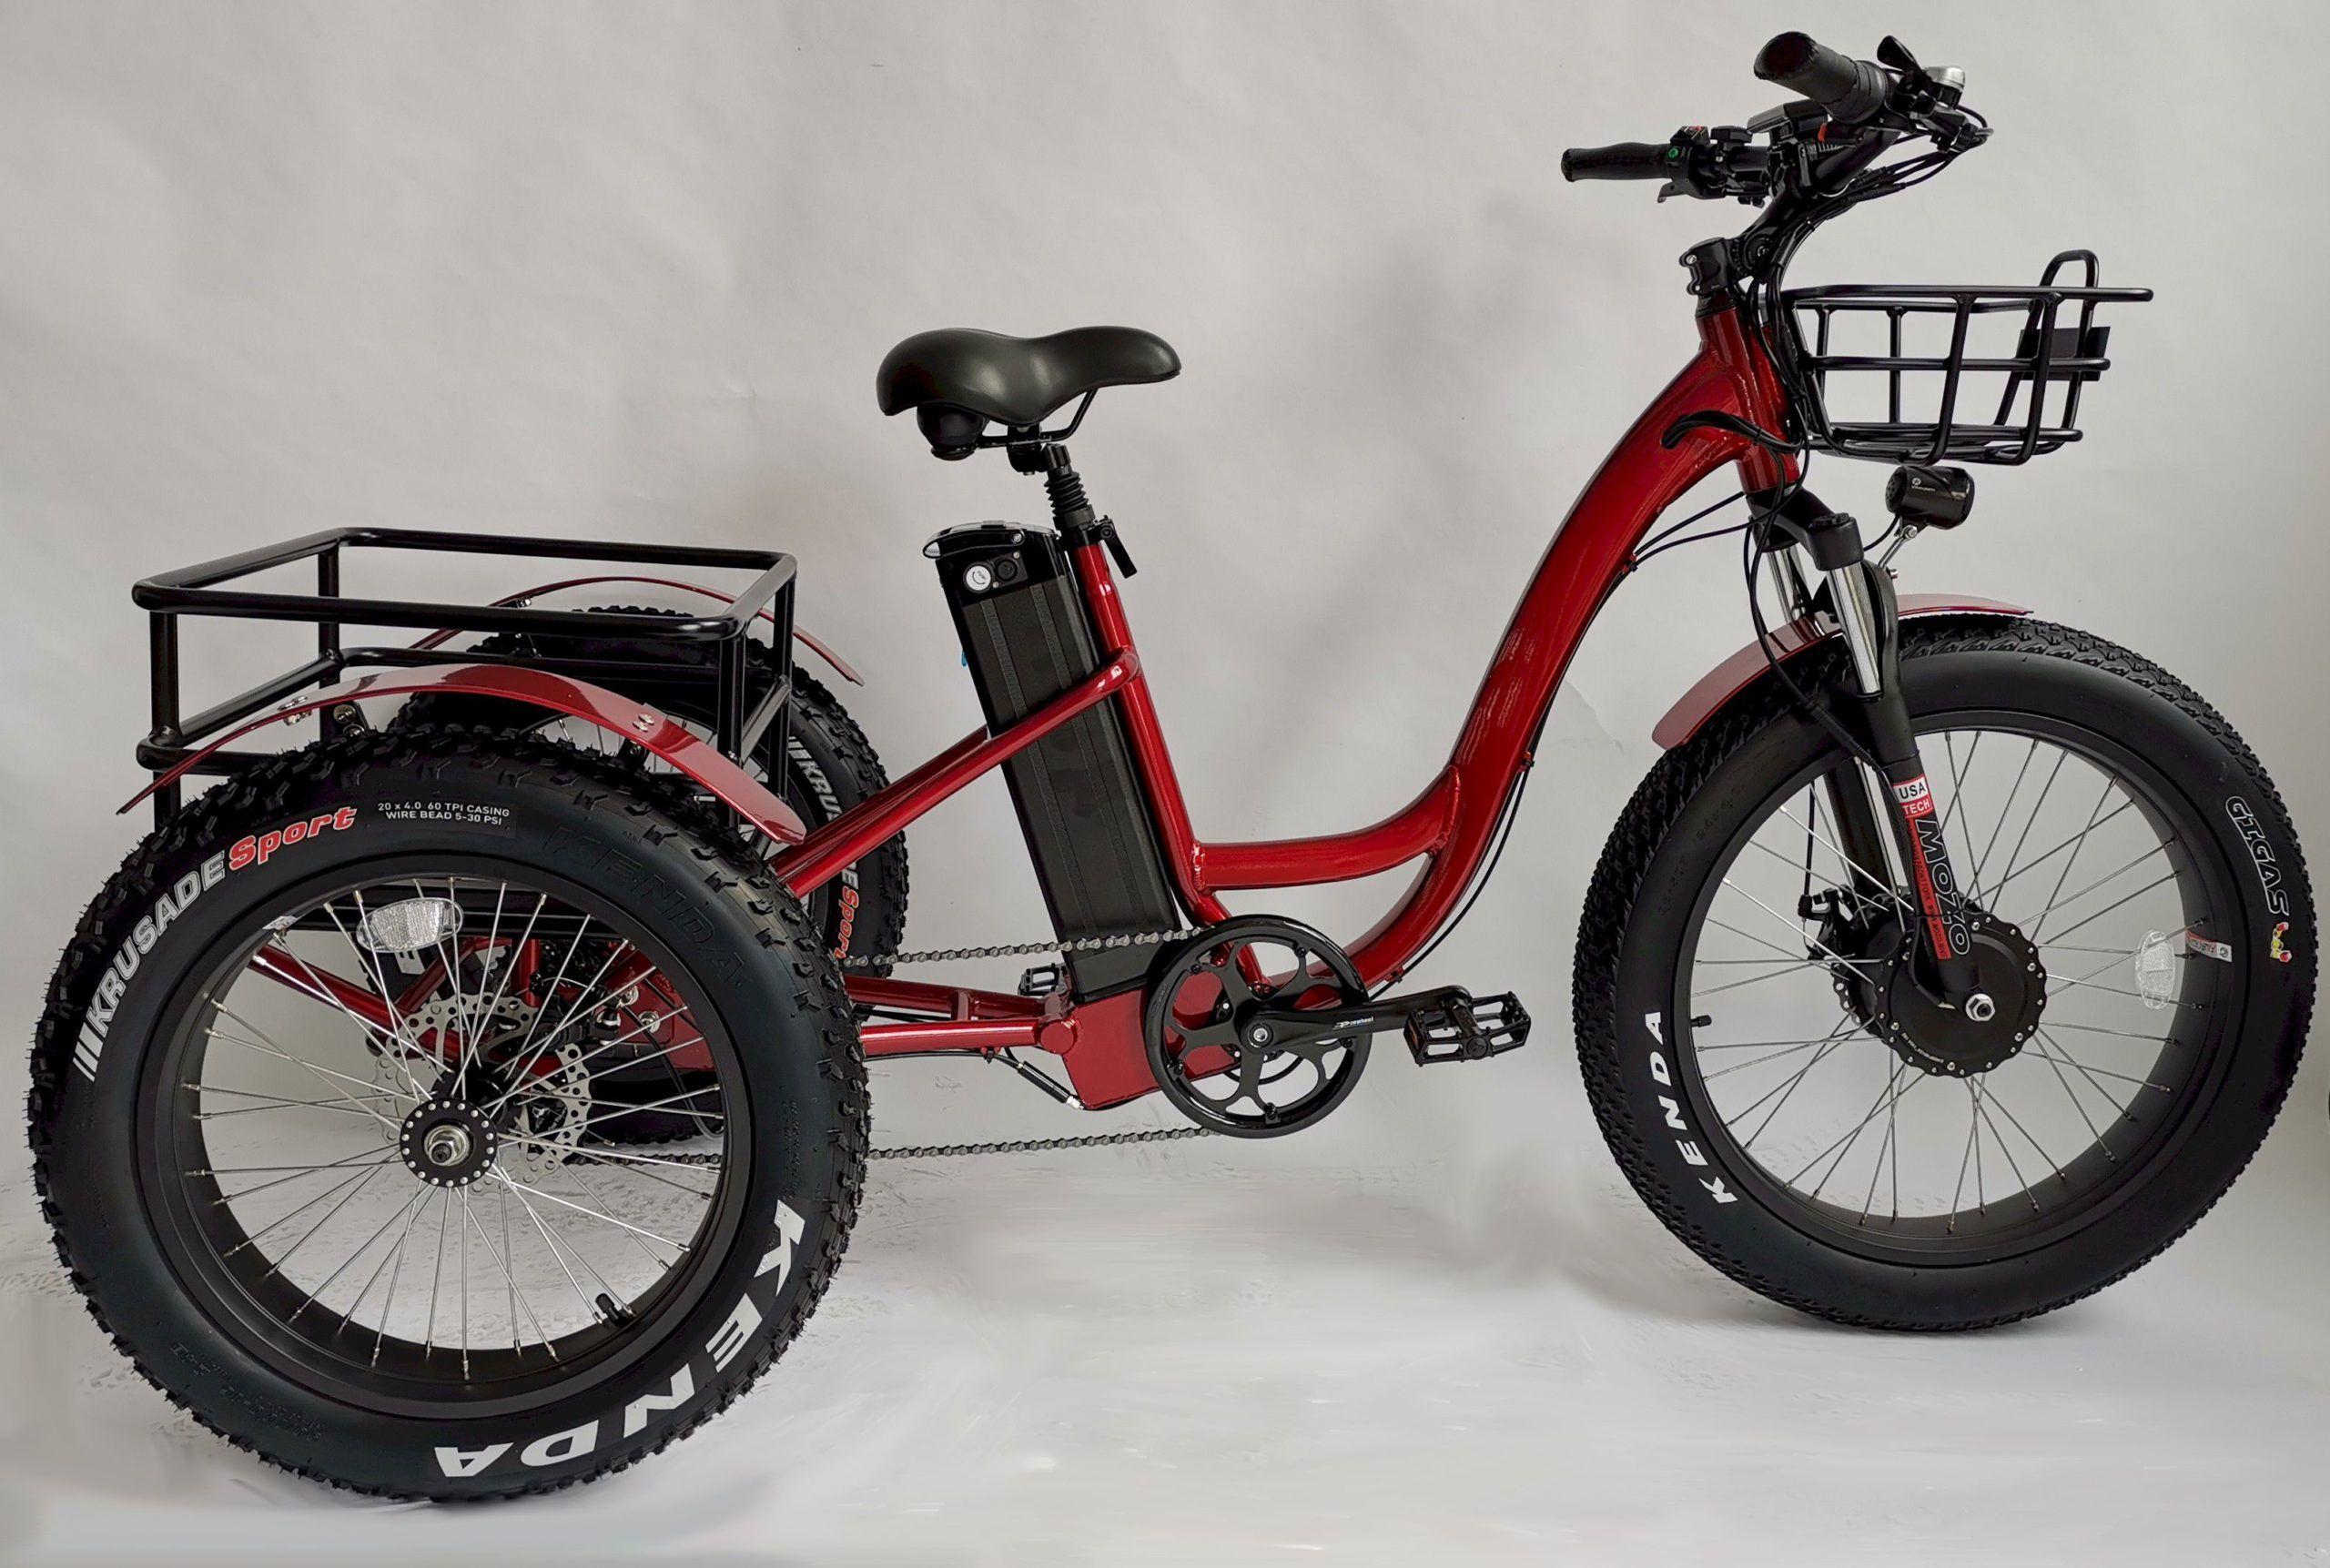 Fettreifen Elektrisches Dreirad Ft 1900x Elektrisches Dreirad